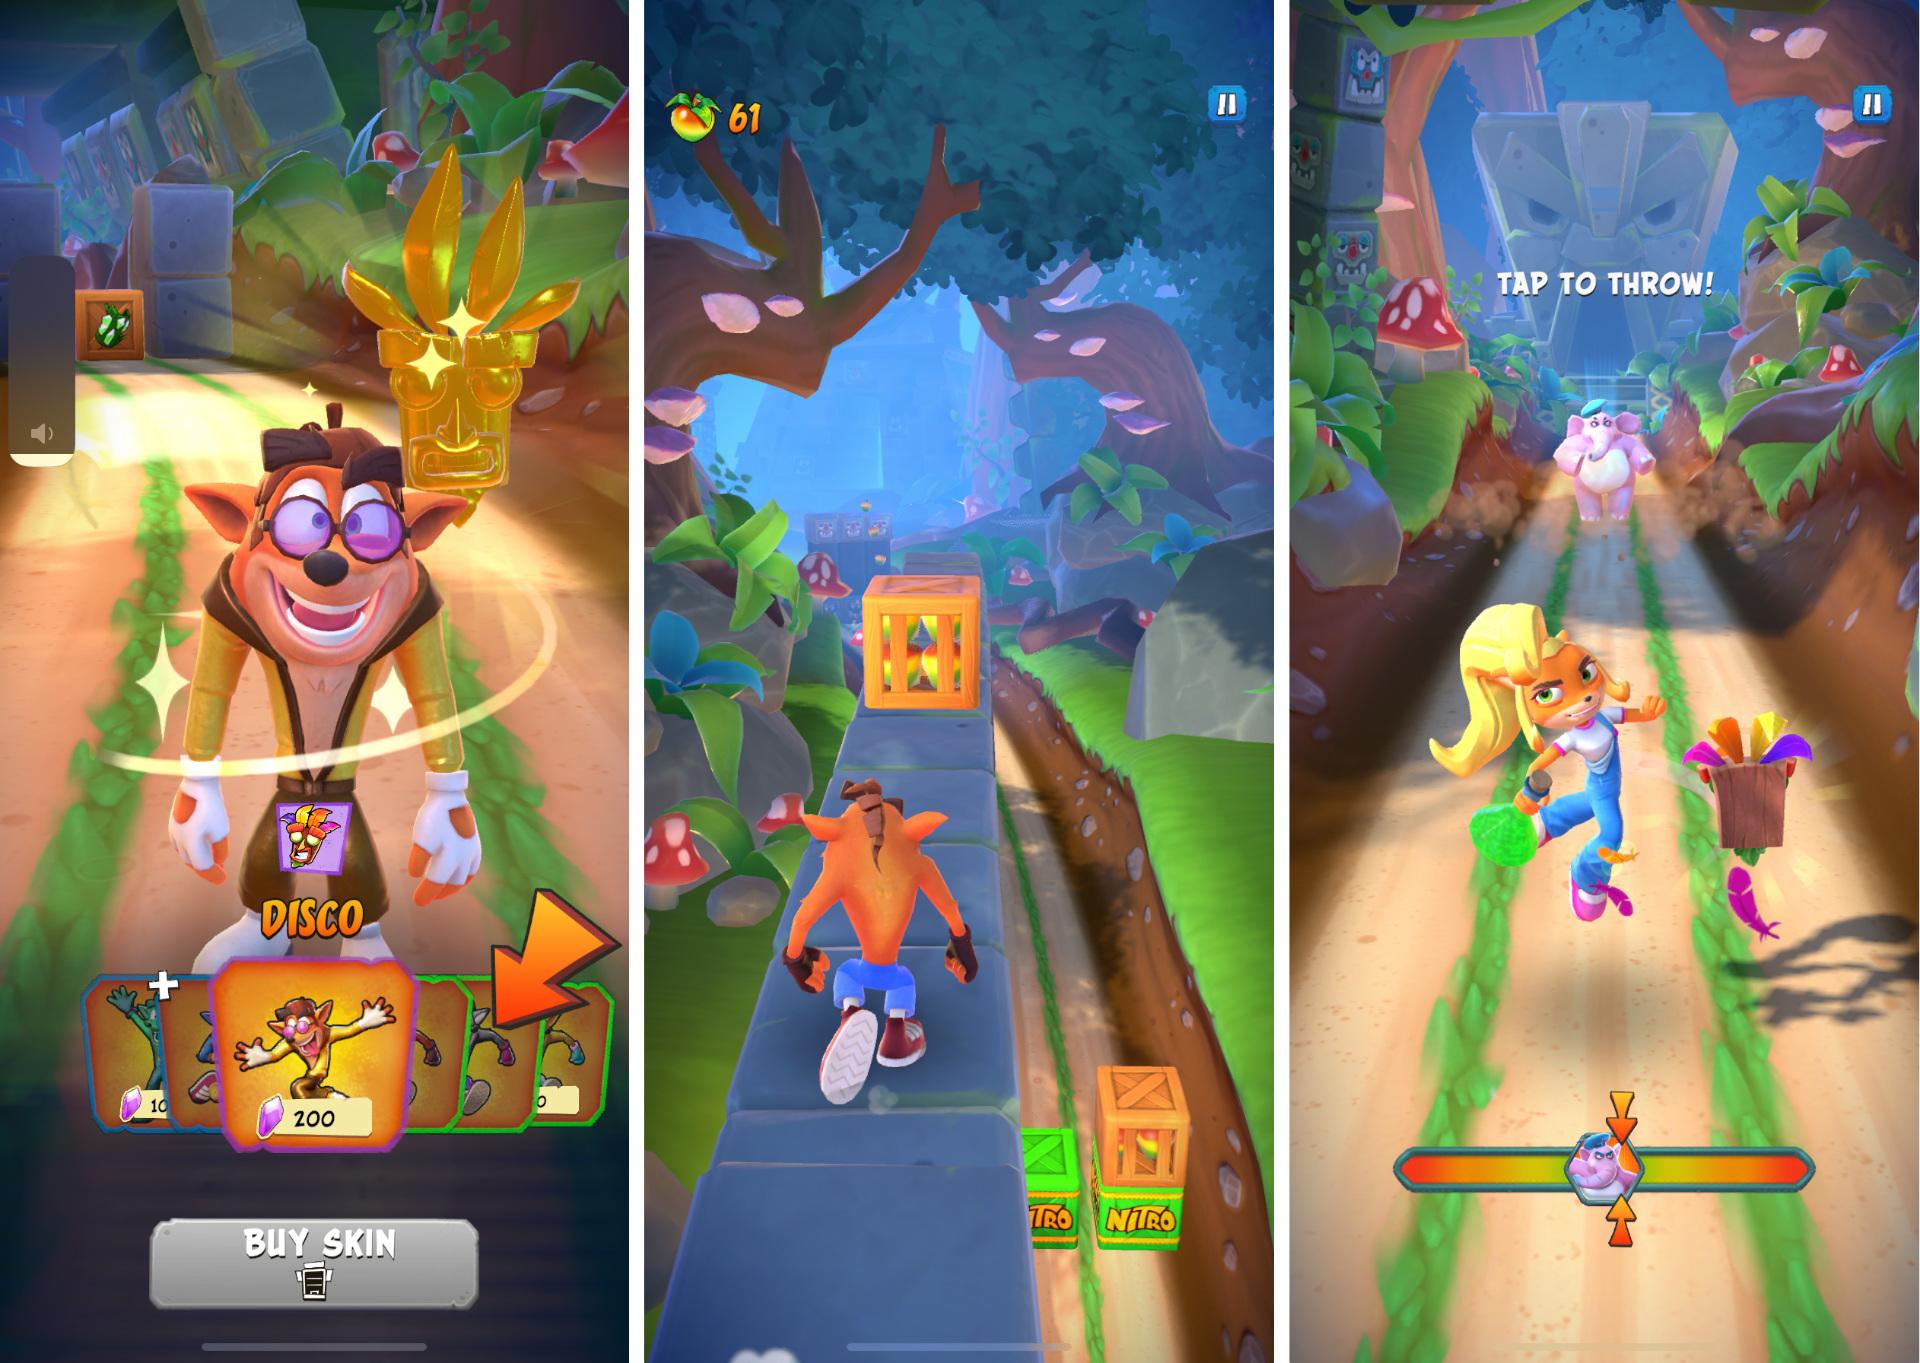 V hre sa dajú odomknúť či zakúpiť rôzne skiny a hrať môžeme aj za Coco.